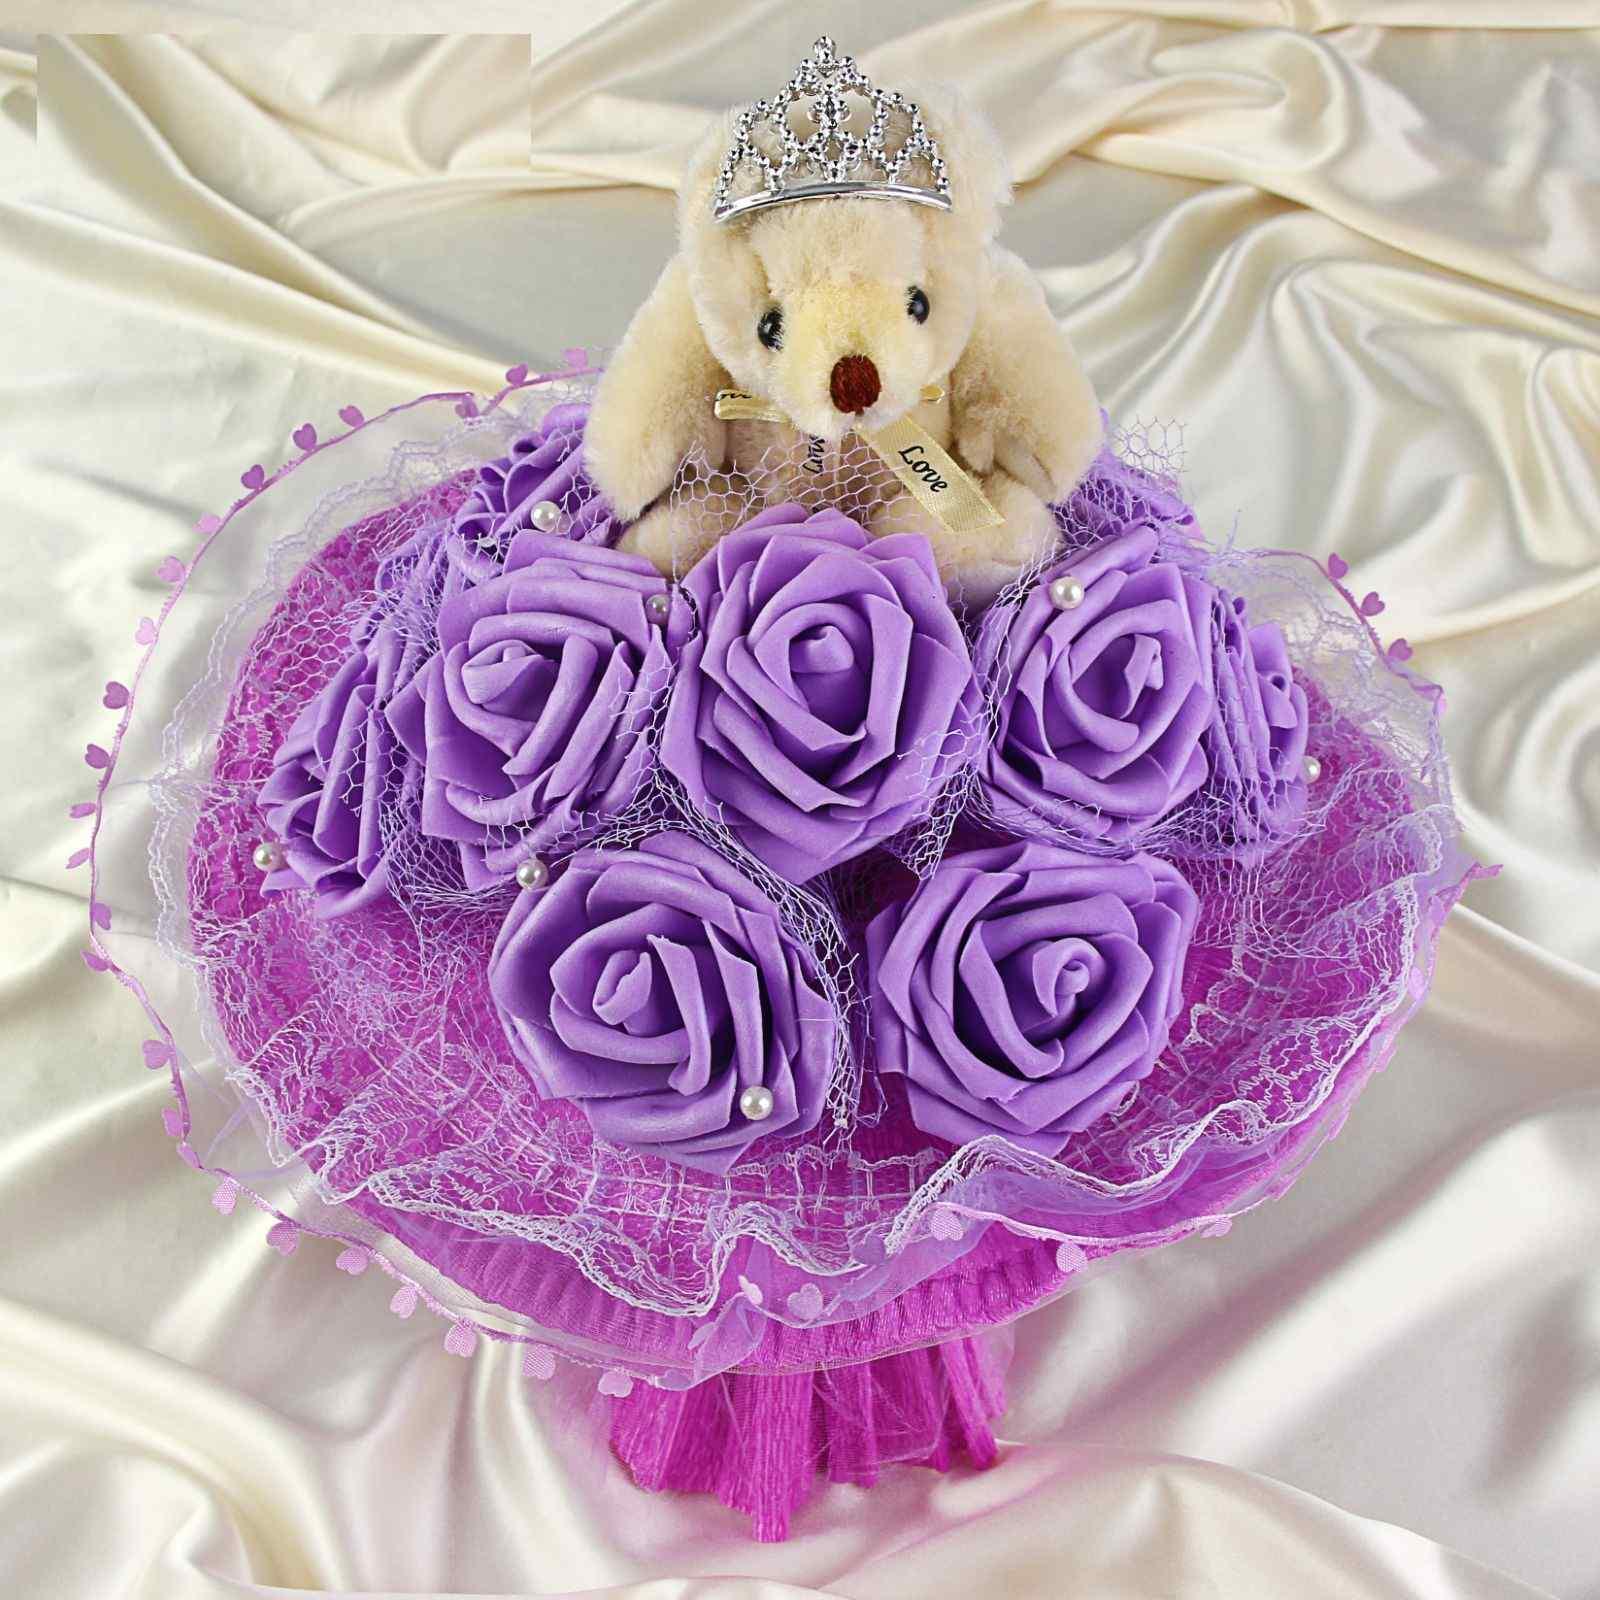 """Букет из мягких игрушек """"Ля мур"""", фиолетовый"""